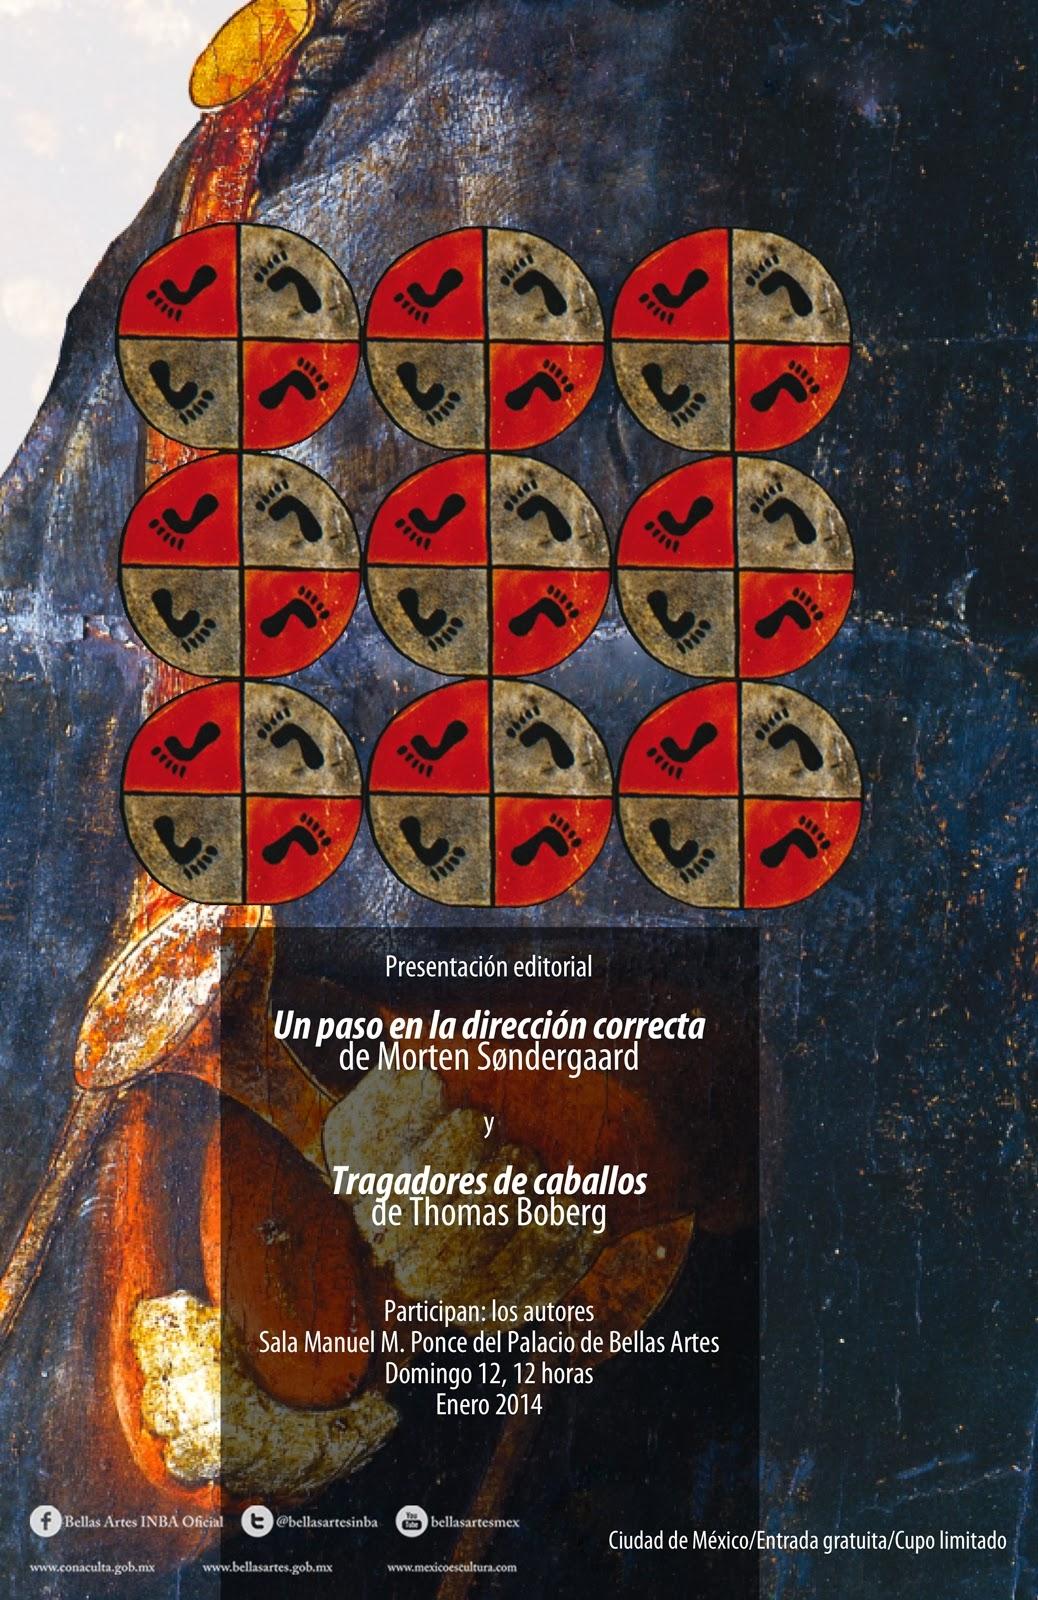 Presentación editorial de dos libros daneses traducidos al español